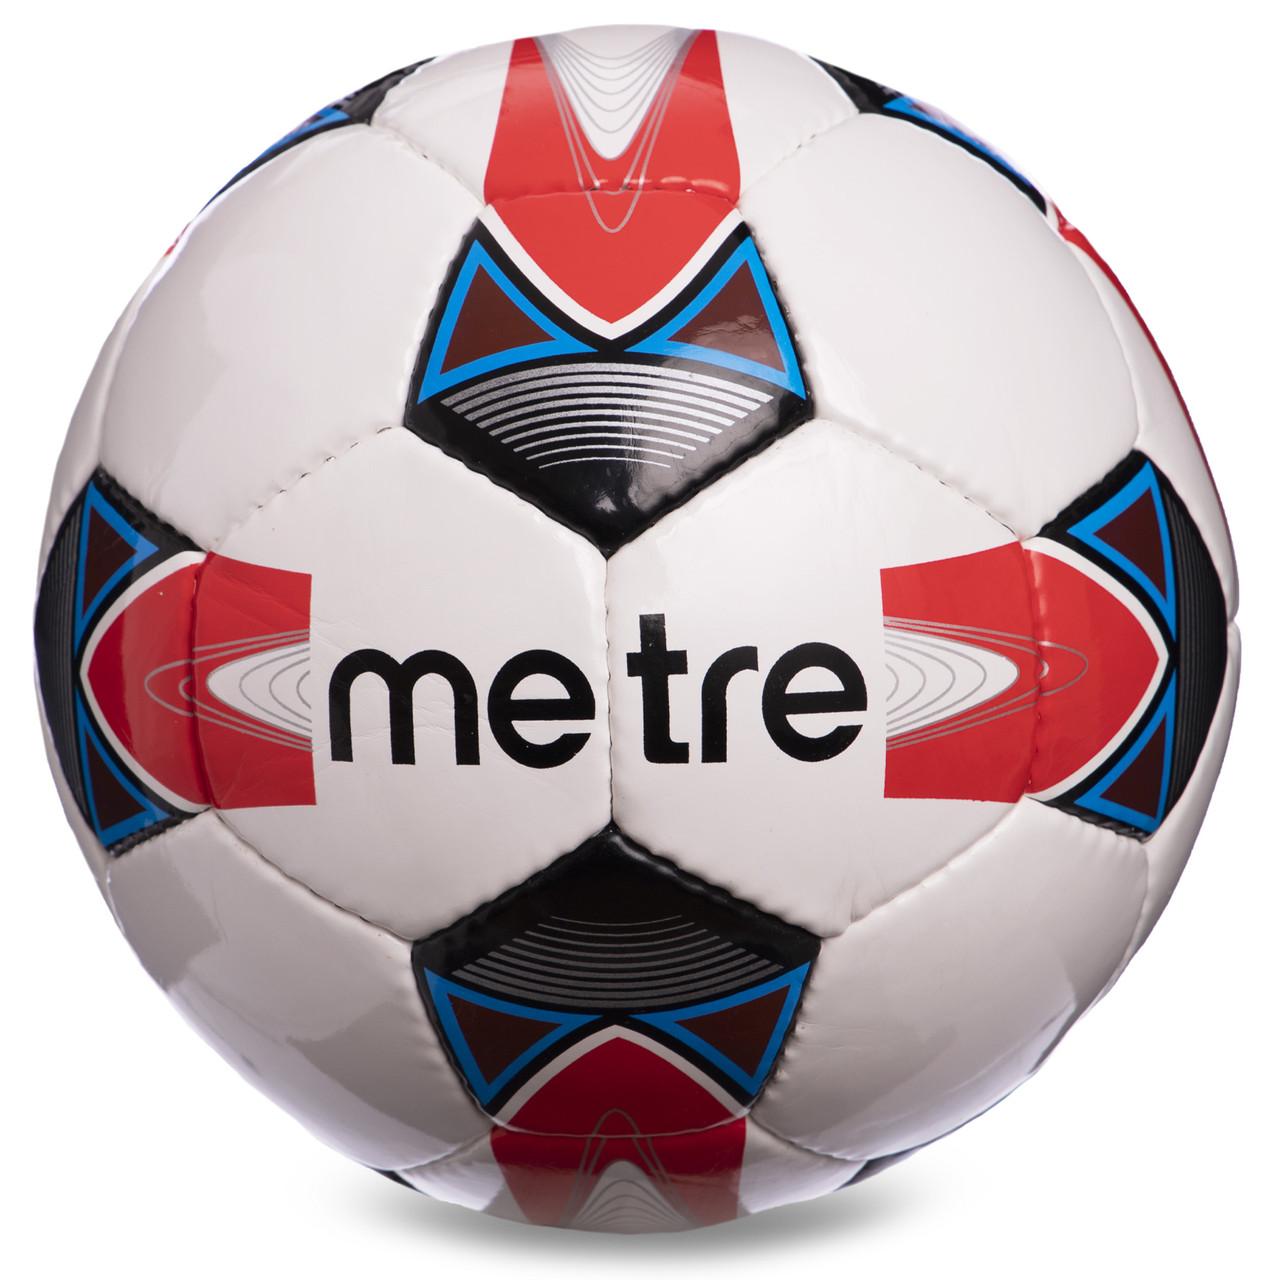 М'яч футбольний №4 PU ламін. METRE 1733,1734,1735, №5, 5 сл., Зшитий вручну